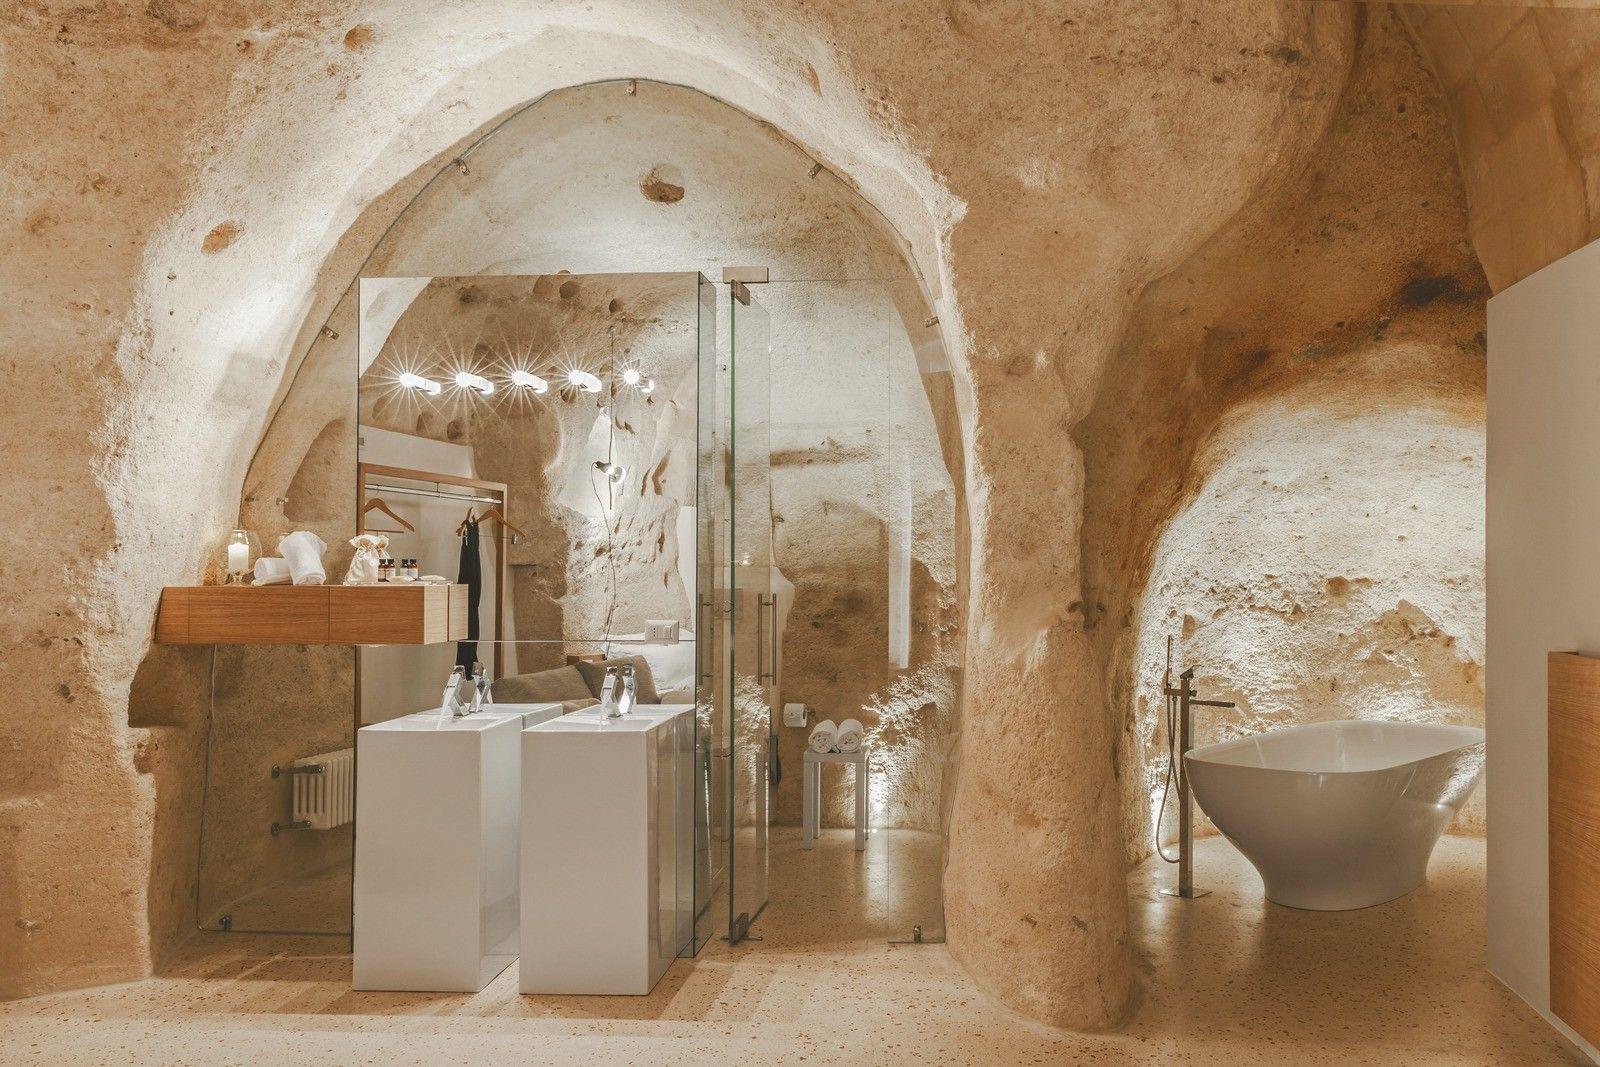 ARCHITECTURE Du0027INTERIEUR: Le Style Homme Des Cavernes